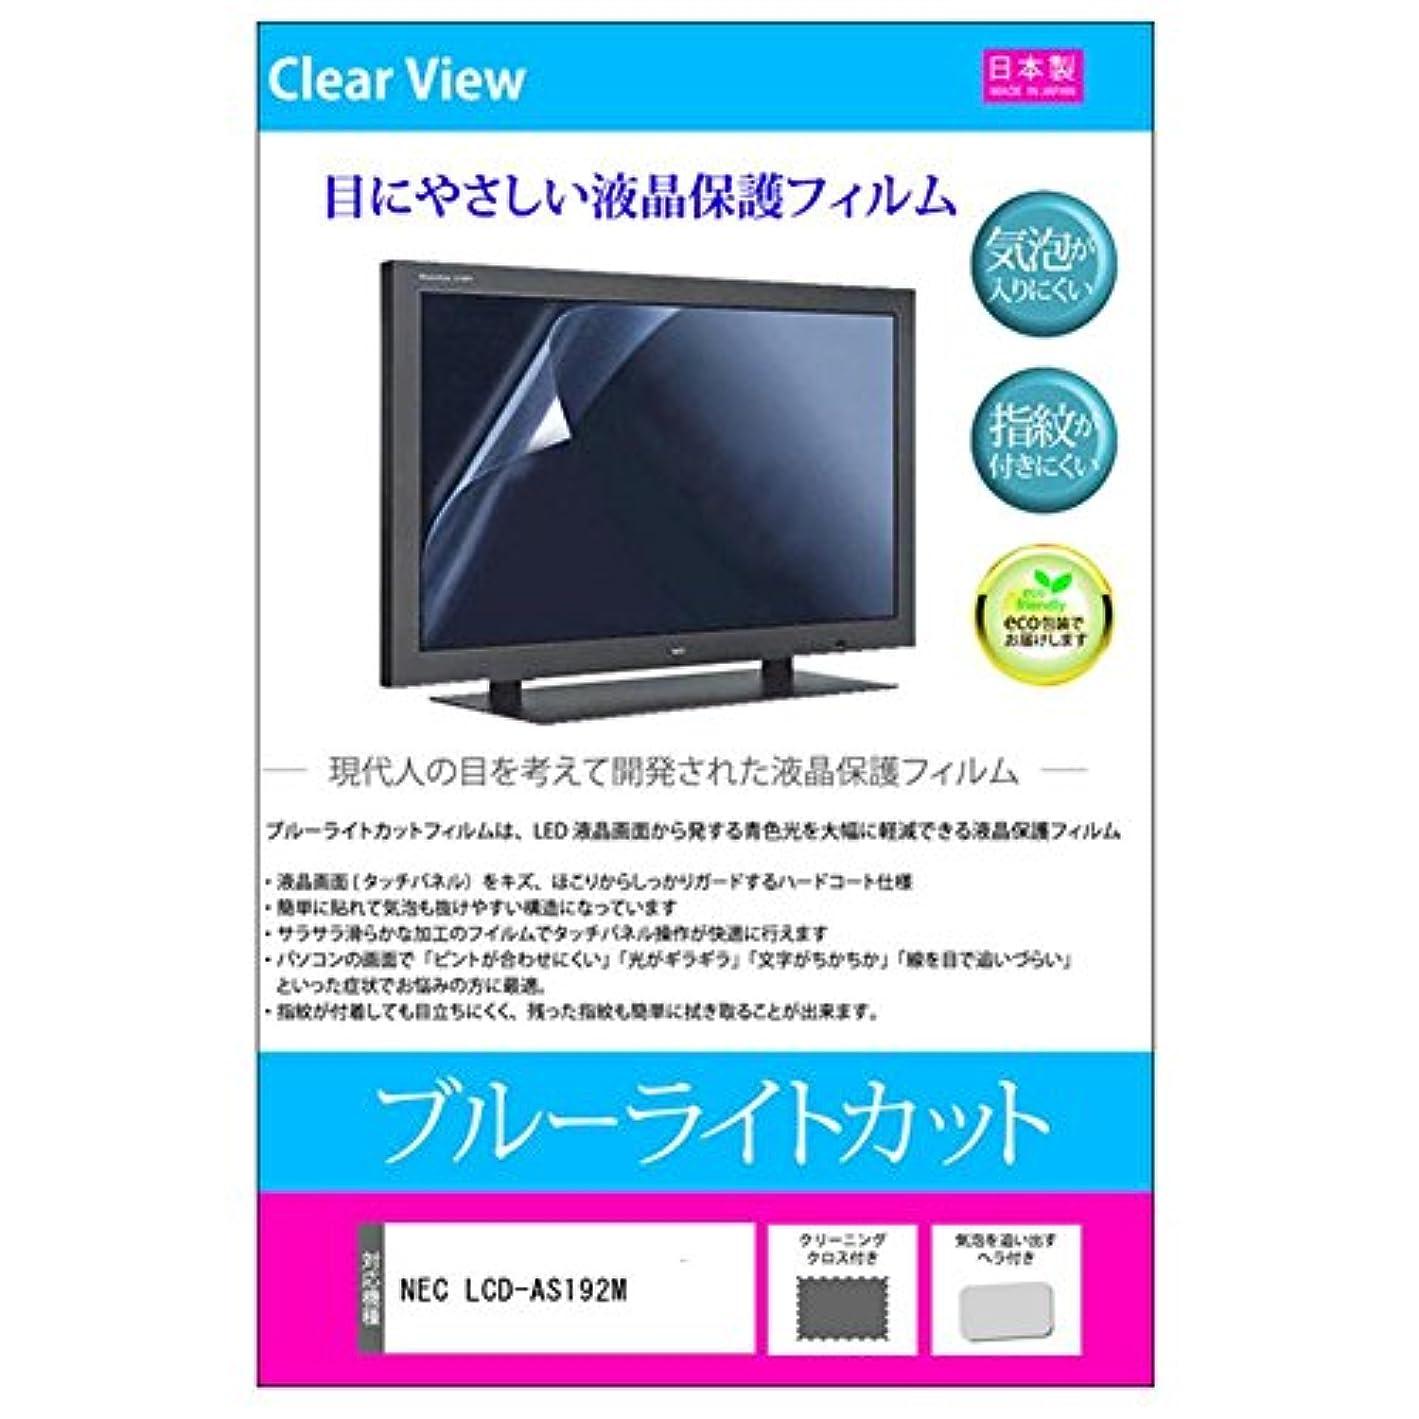 突撃前売座標メディアカバーマーケット NEC LCD-AS192M [19インチスクエア(1280x1024)]機種用 【ブルーライトカット 反射防止 指紋防止 気泡レス 抗菌 液晶保護フィルム】